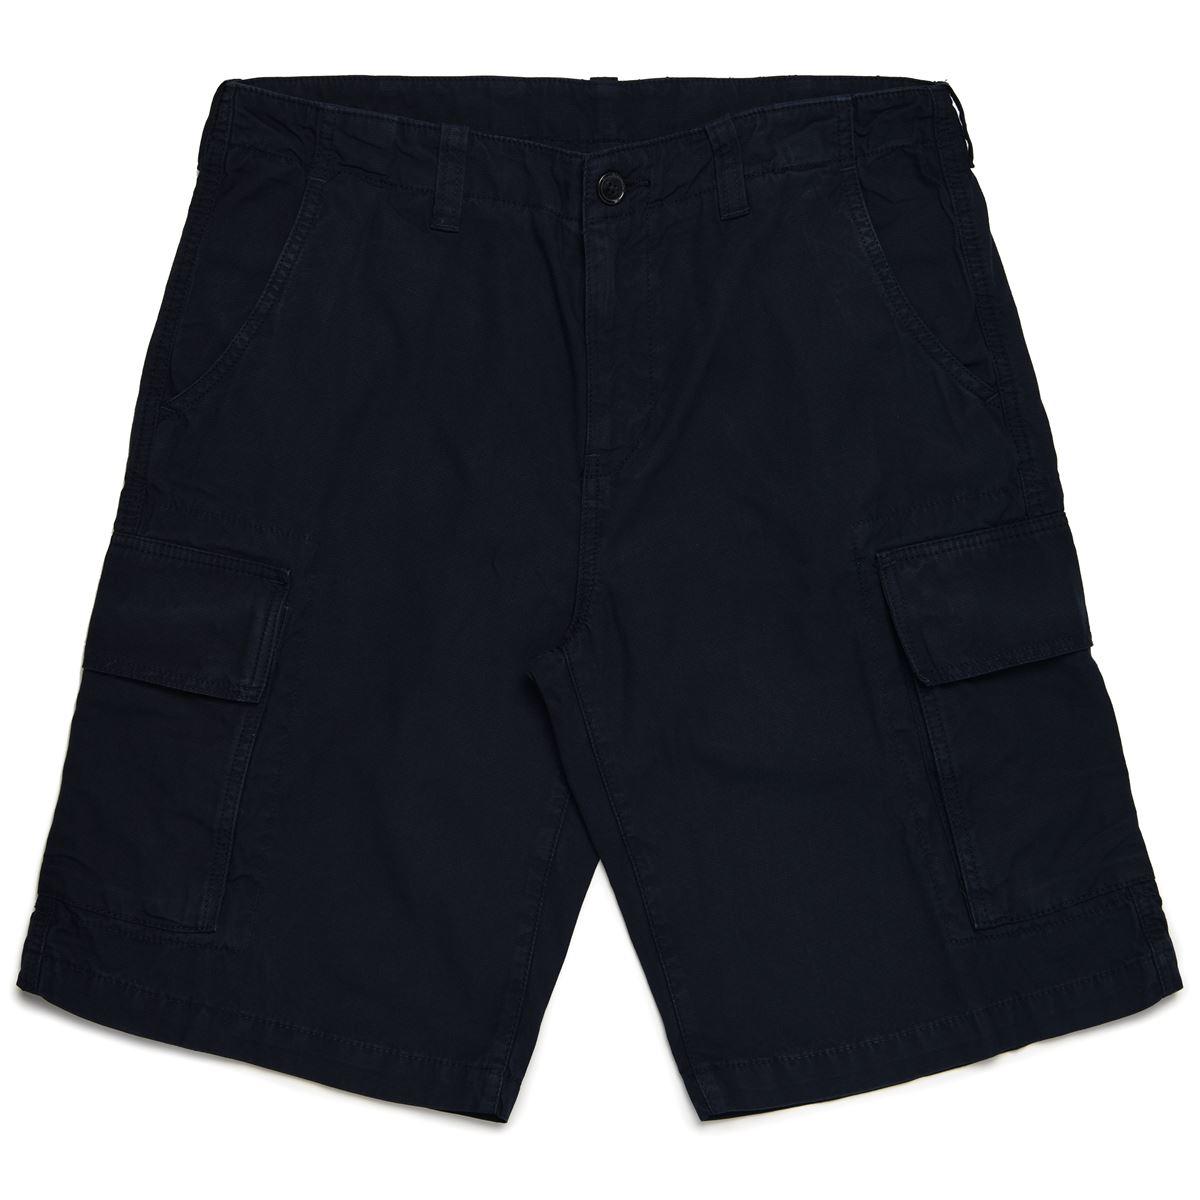 Robe di Kappa Shorts ZASKARS Man Cargo